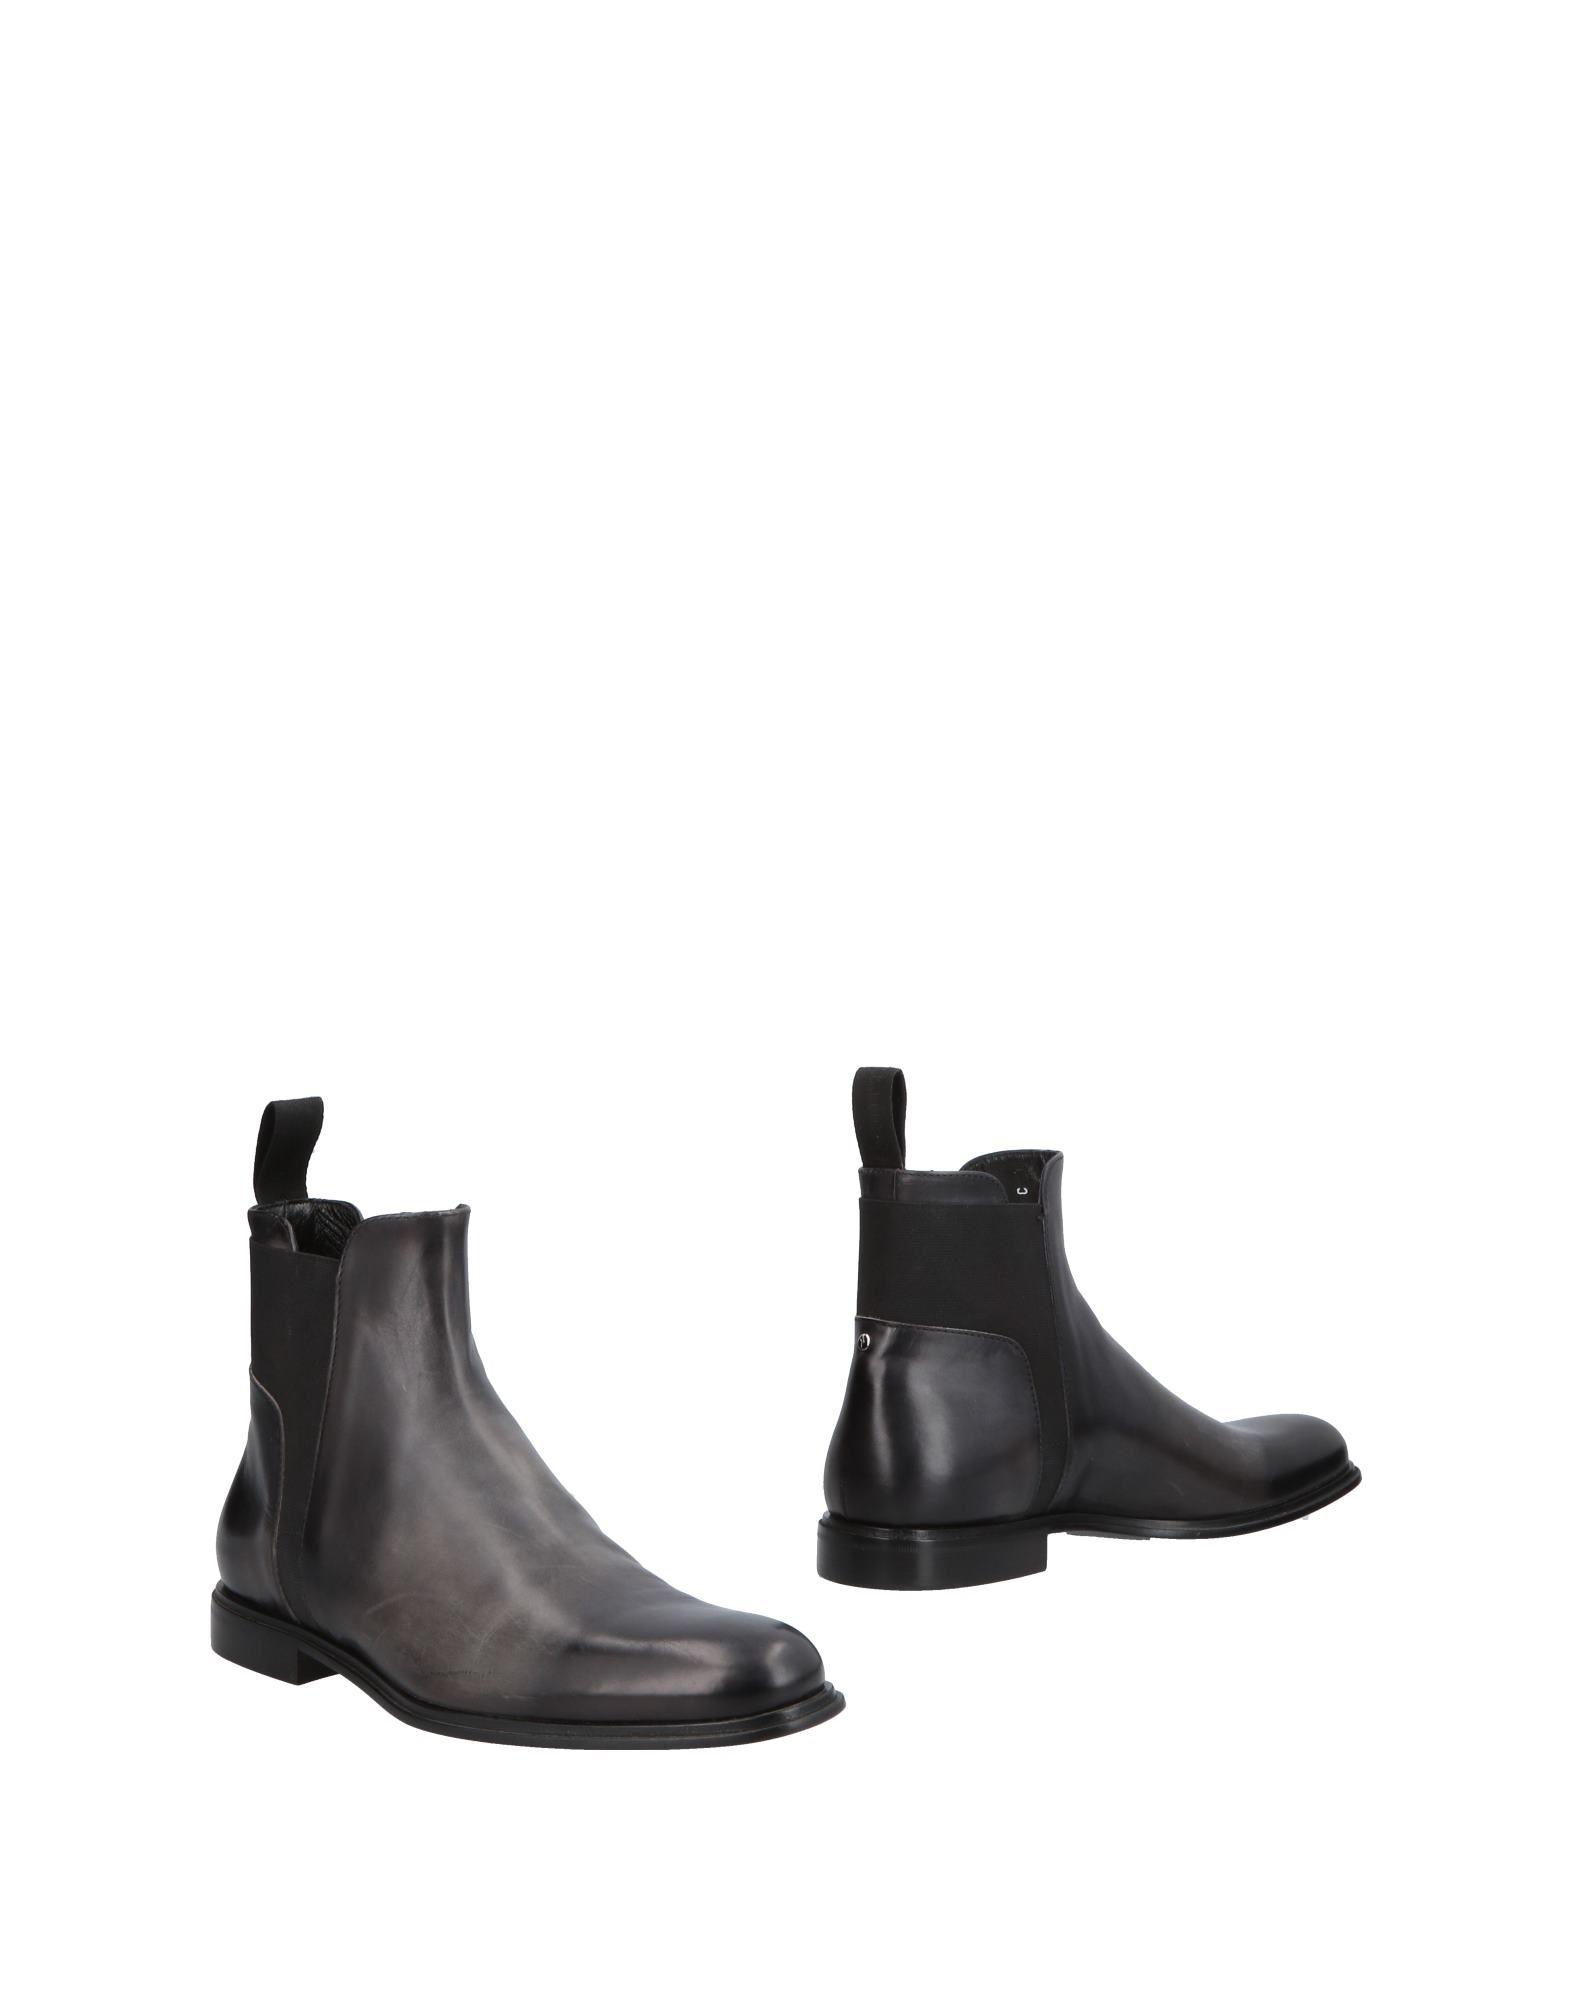 《送料無料》CESARE PACIOTTI メンズ ショートブーツ ブラック 9.5 革